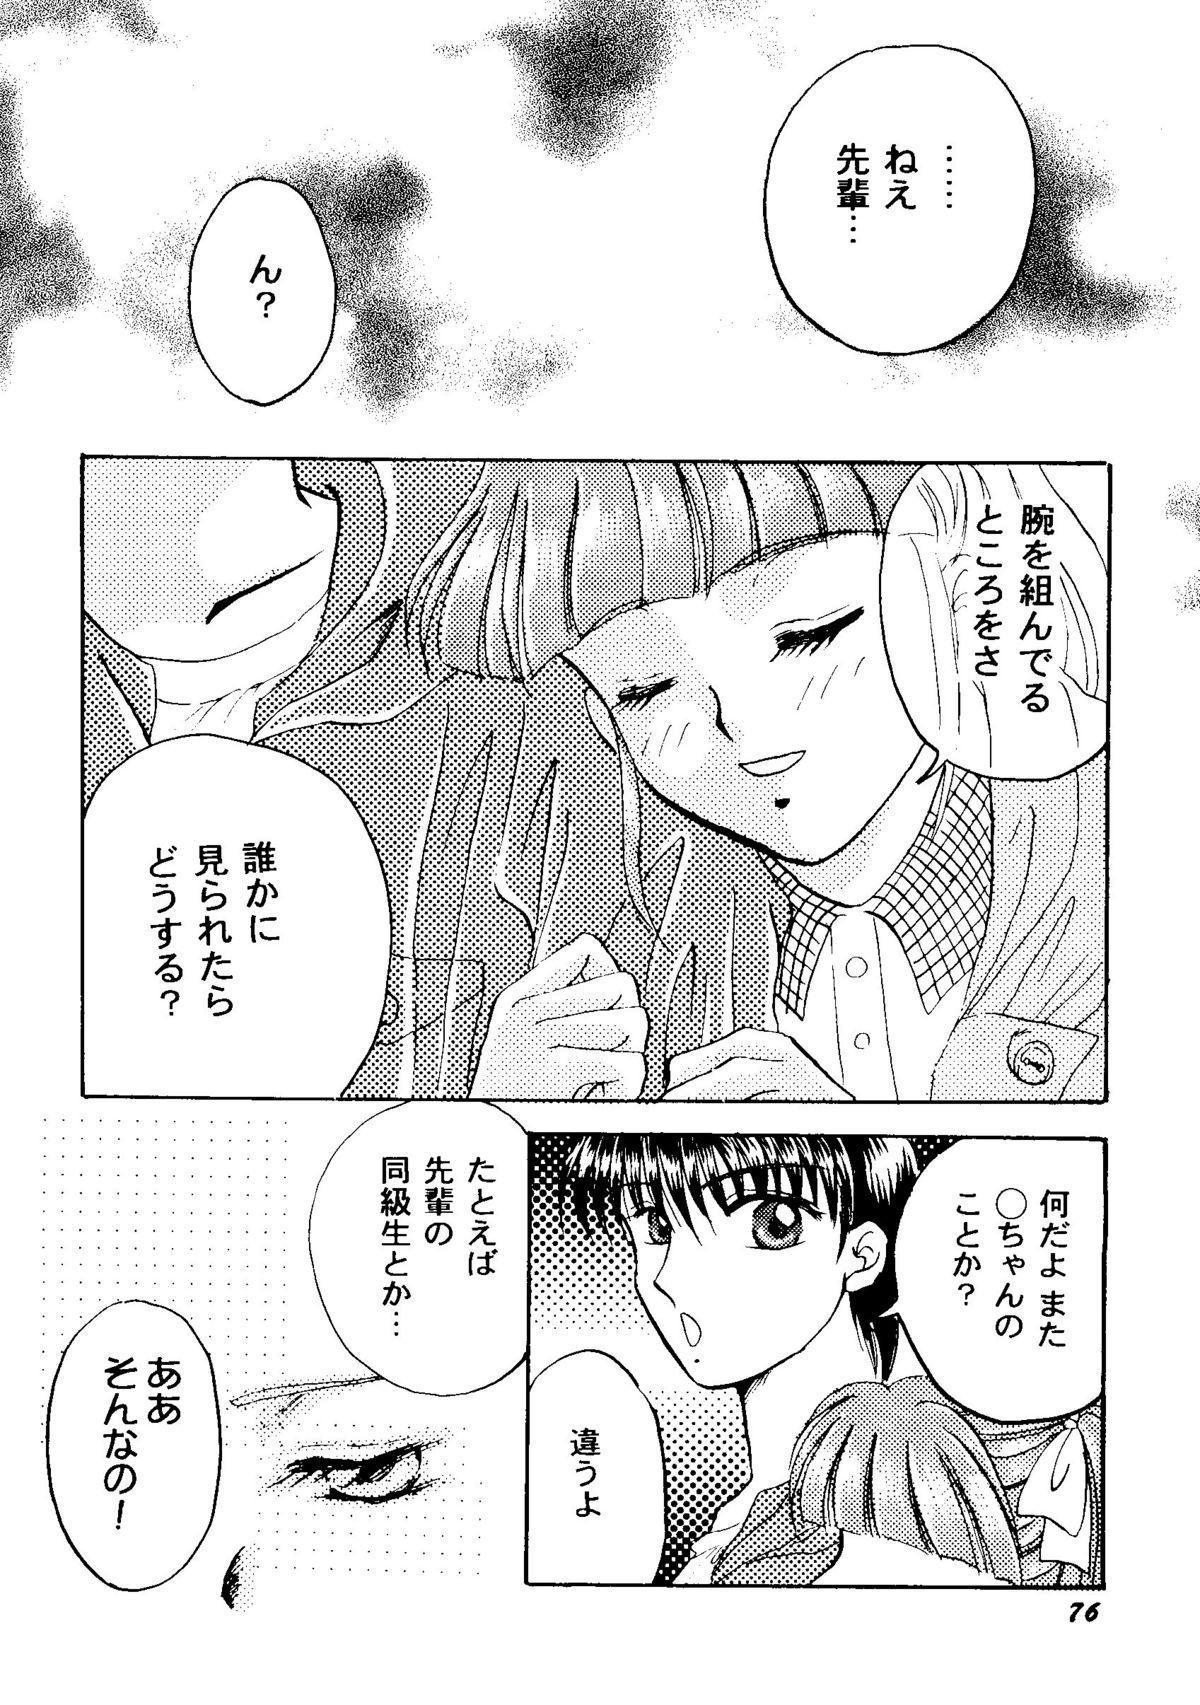 Bishoujo Doujinshi Anthology Cute 2 77